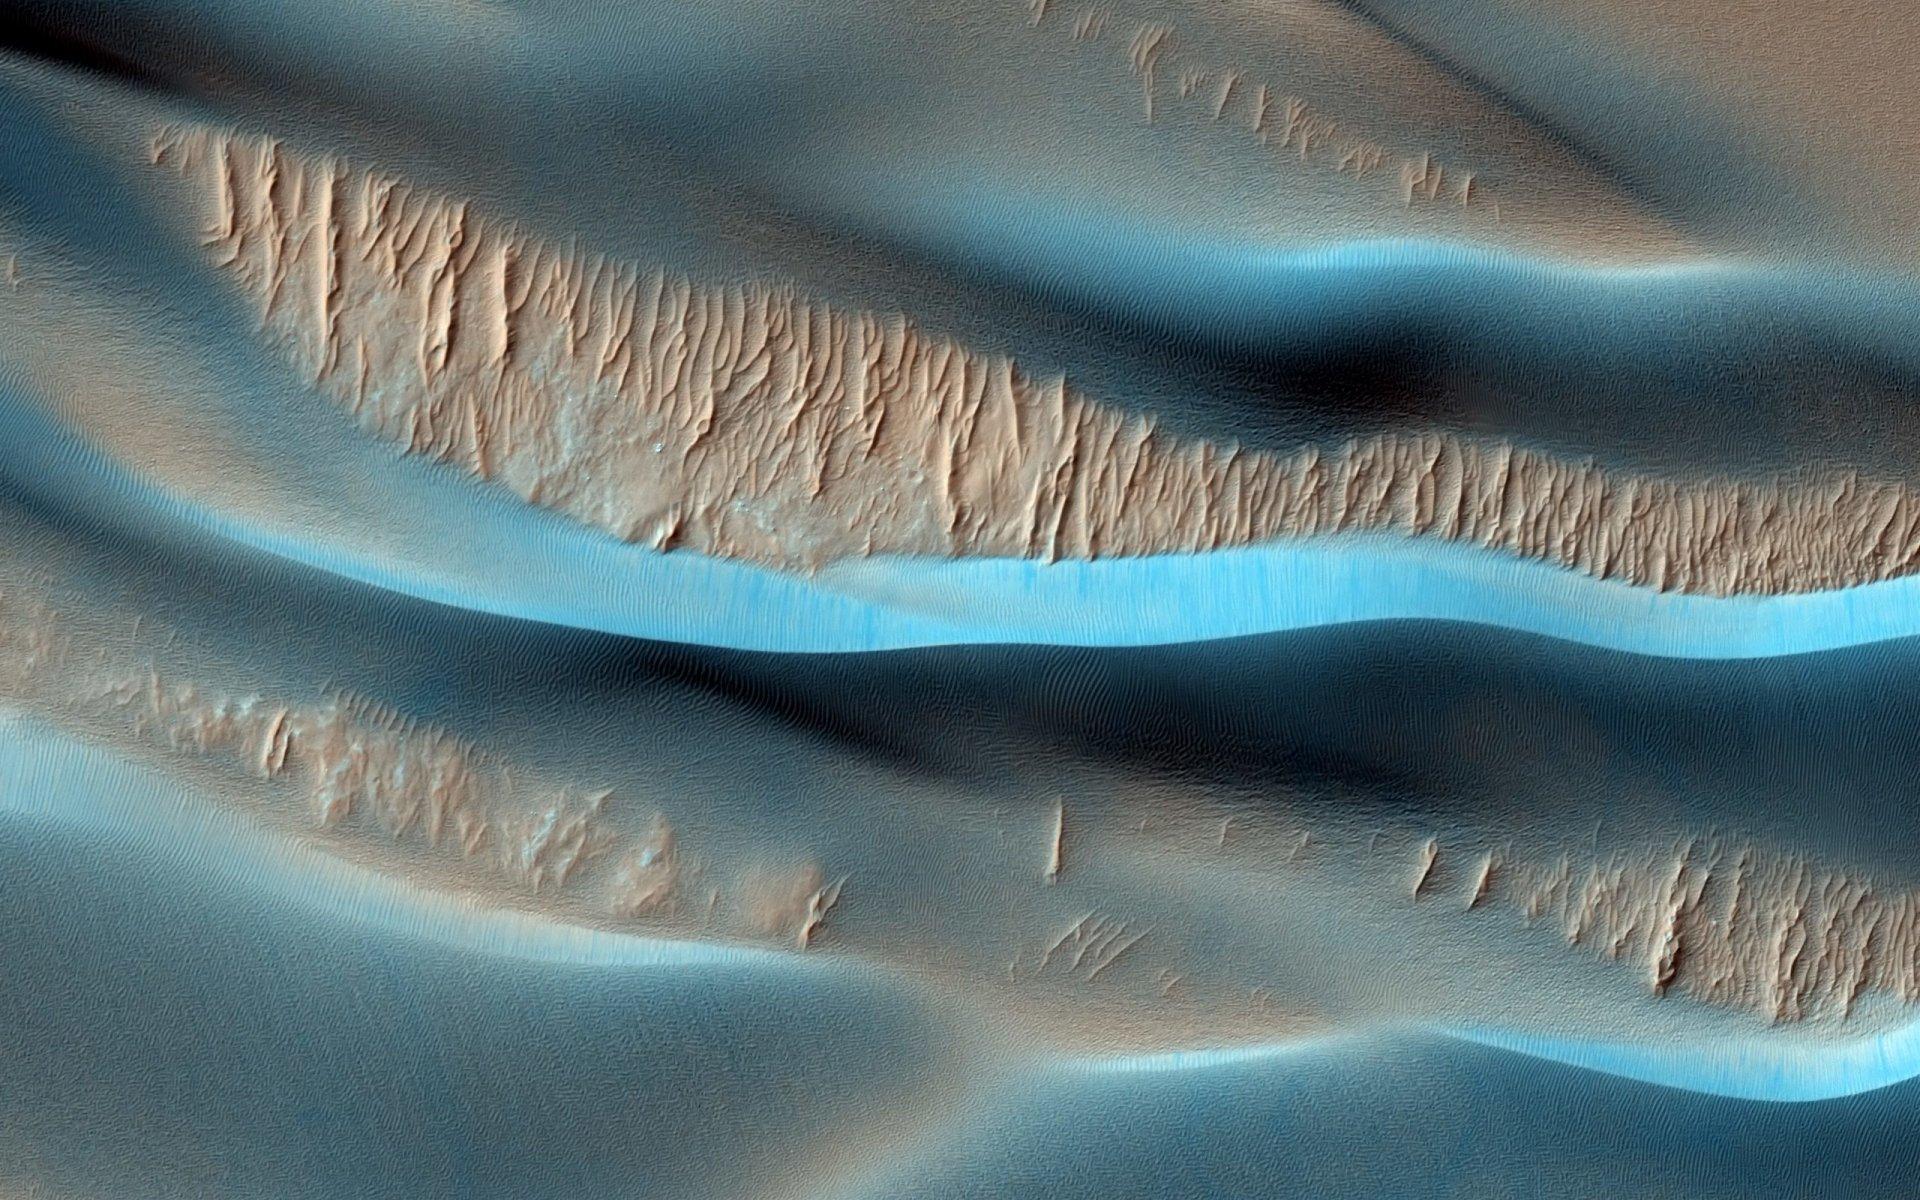 科幻 - Mars  壁纸